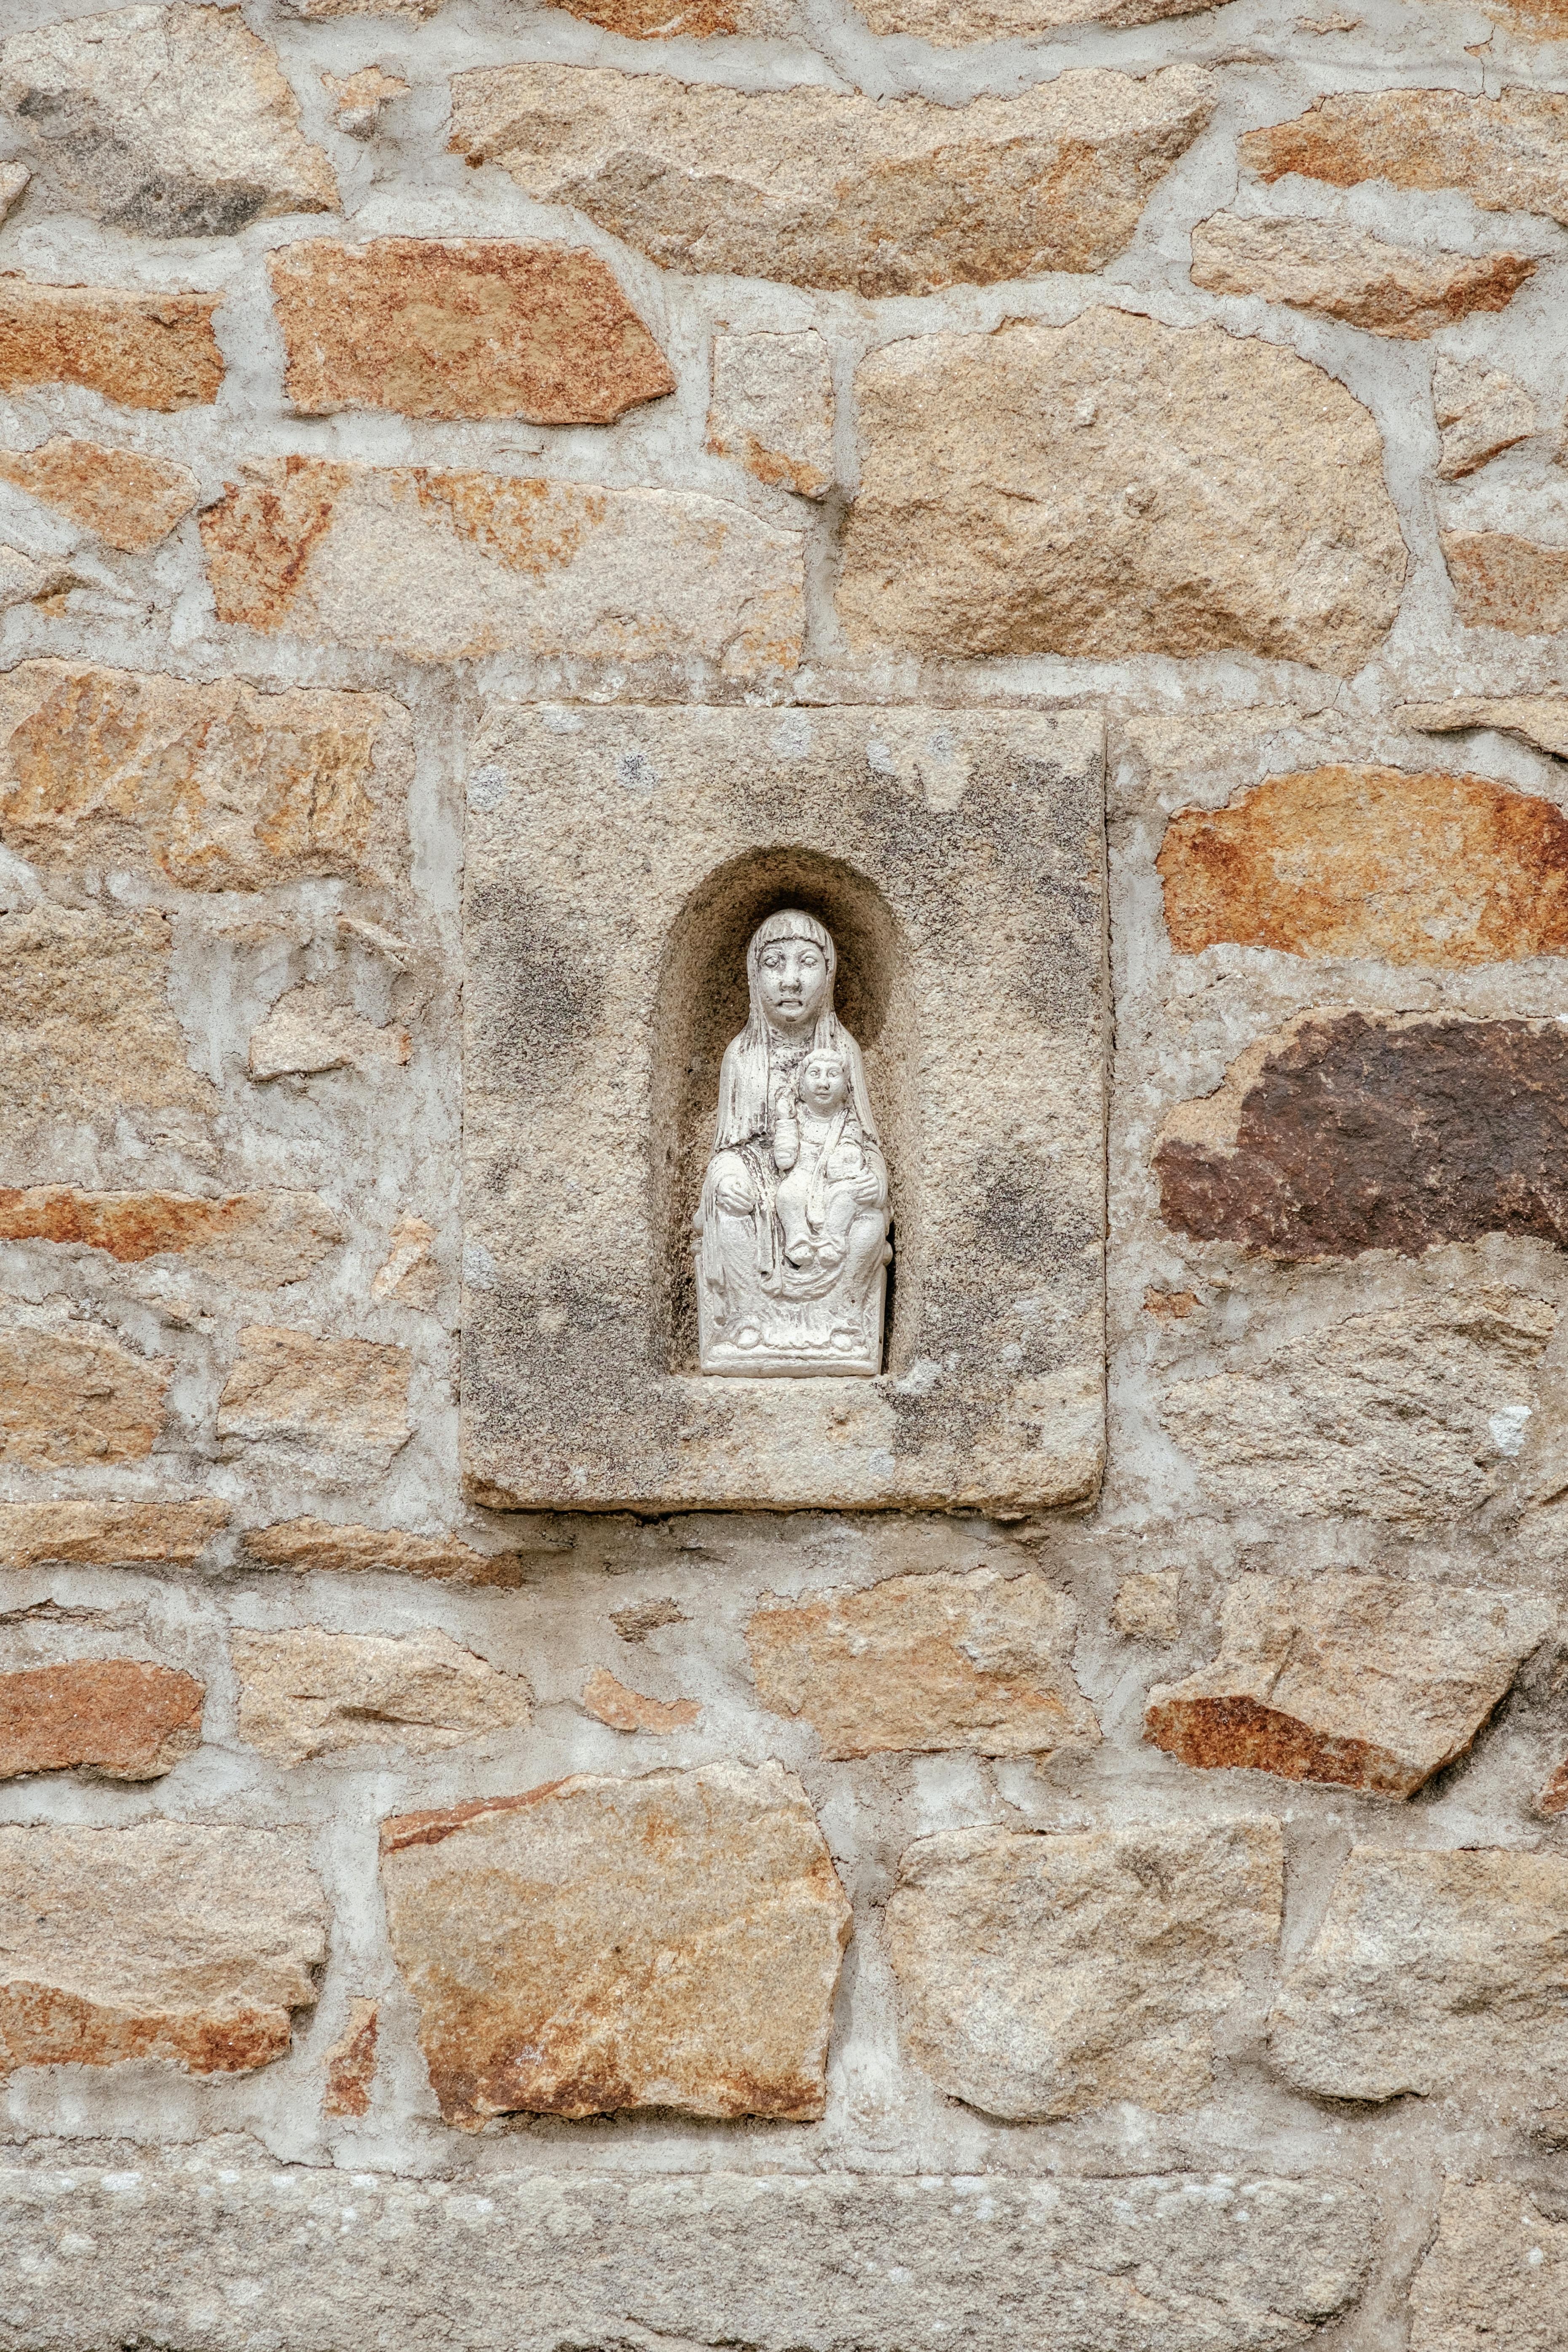 religious figure on gray concrete wall taken at daytime